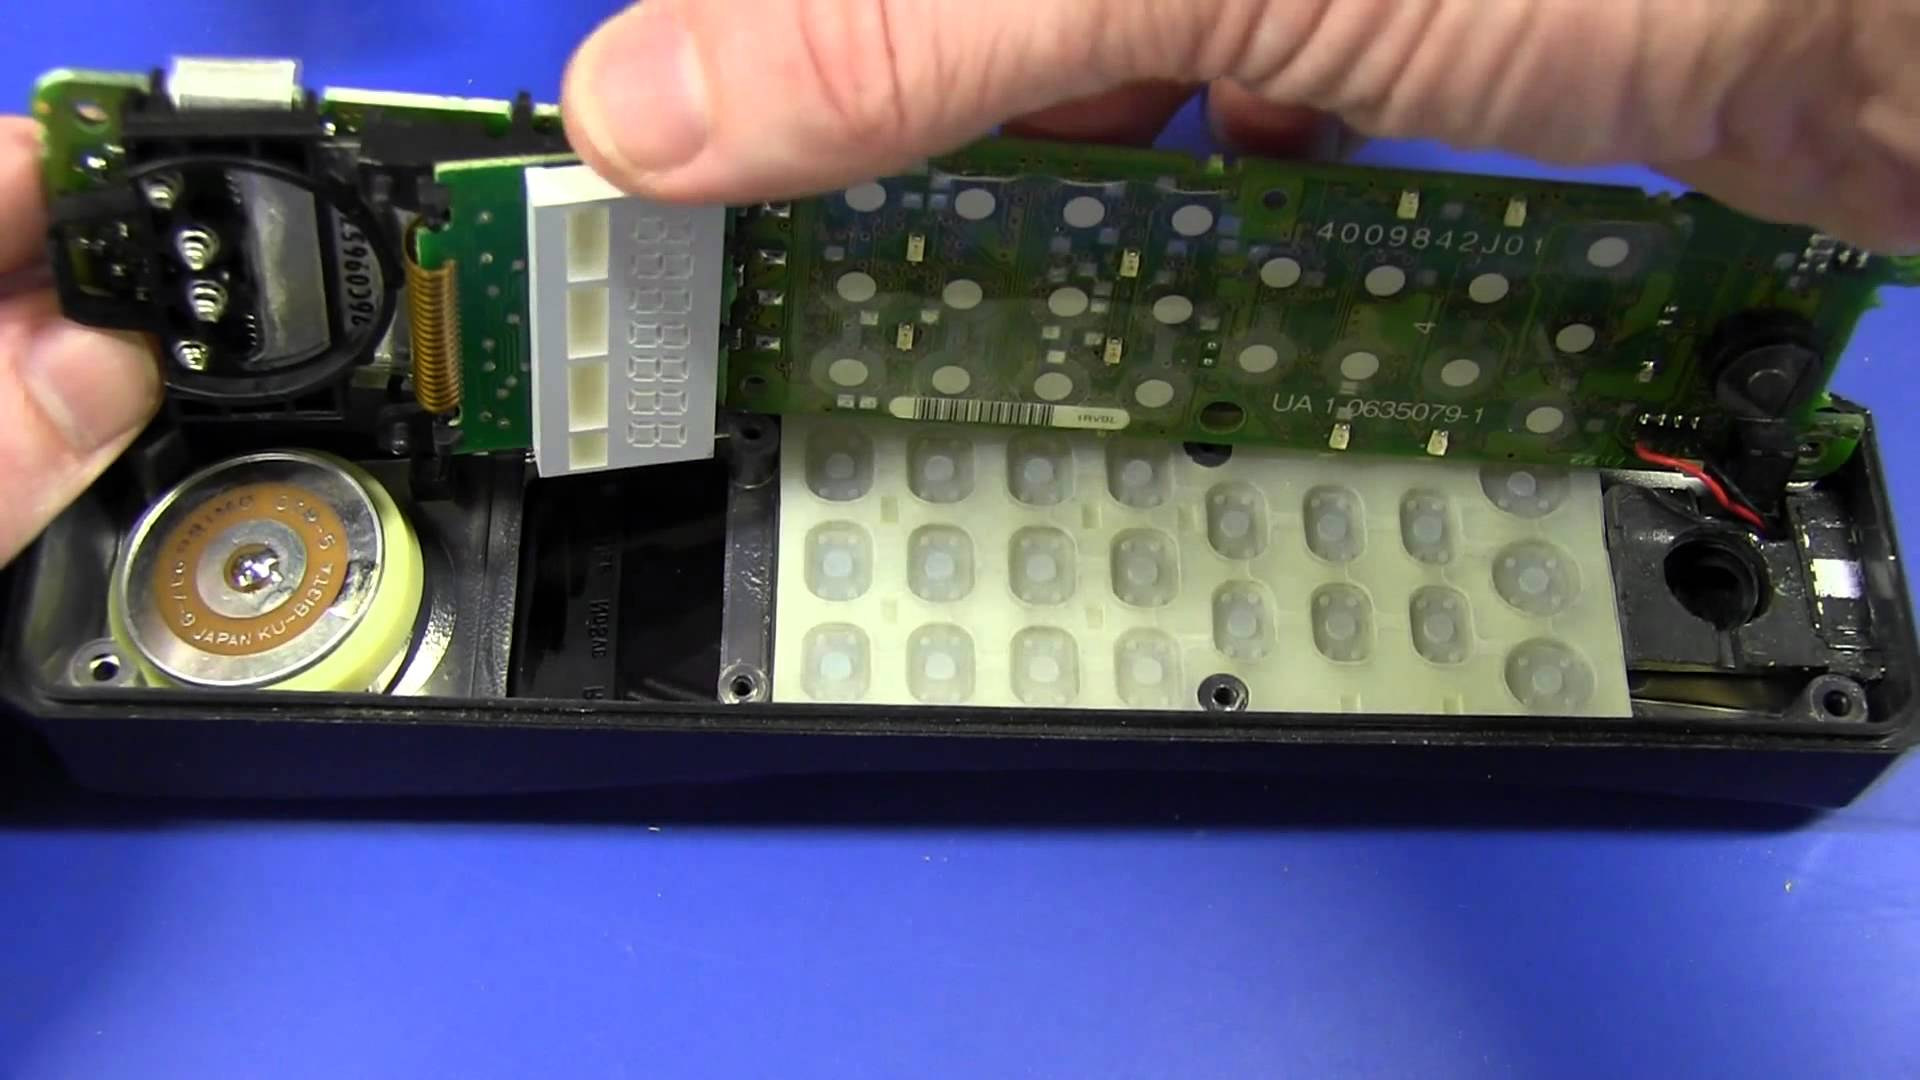 EEVBlog #492 – Vintage Motorola MicroTAC Mobile Phone Teardown